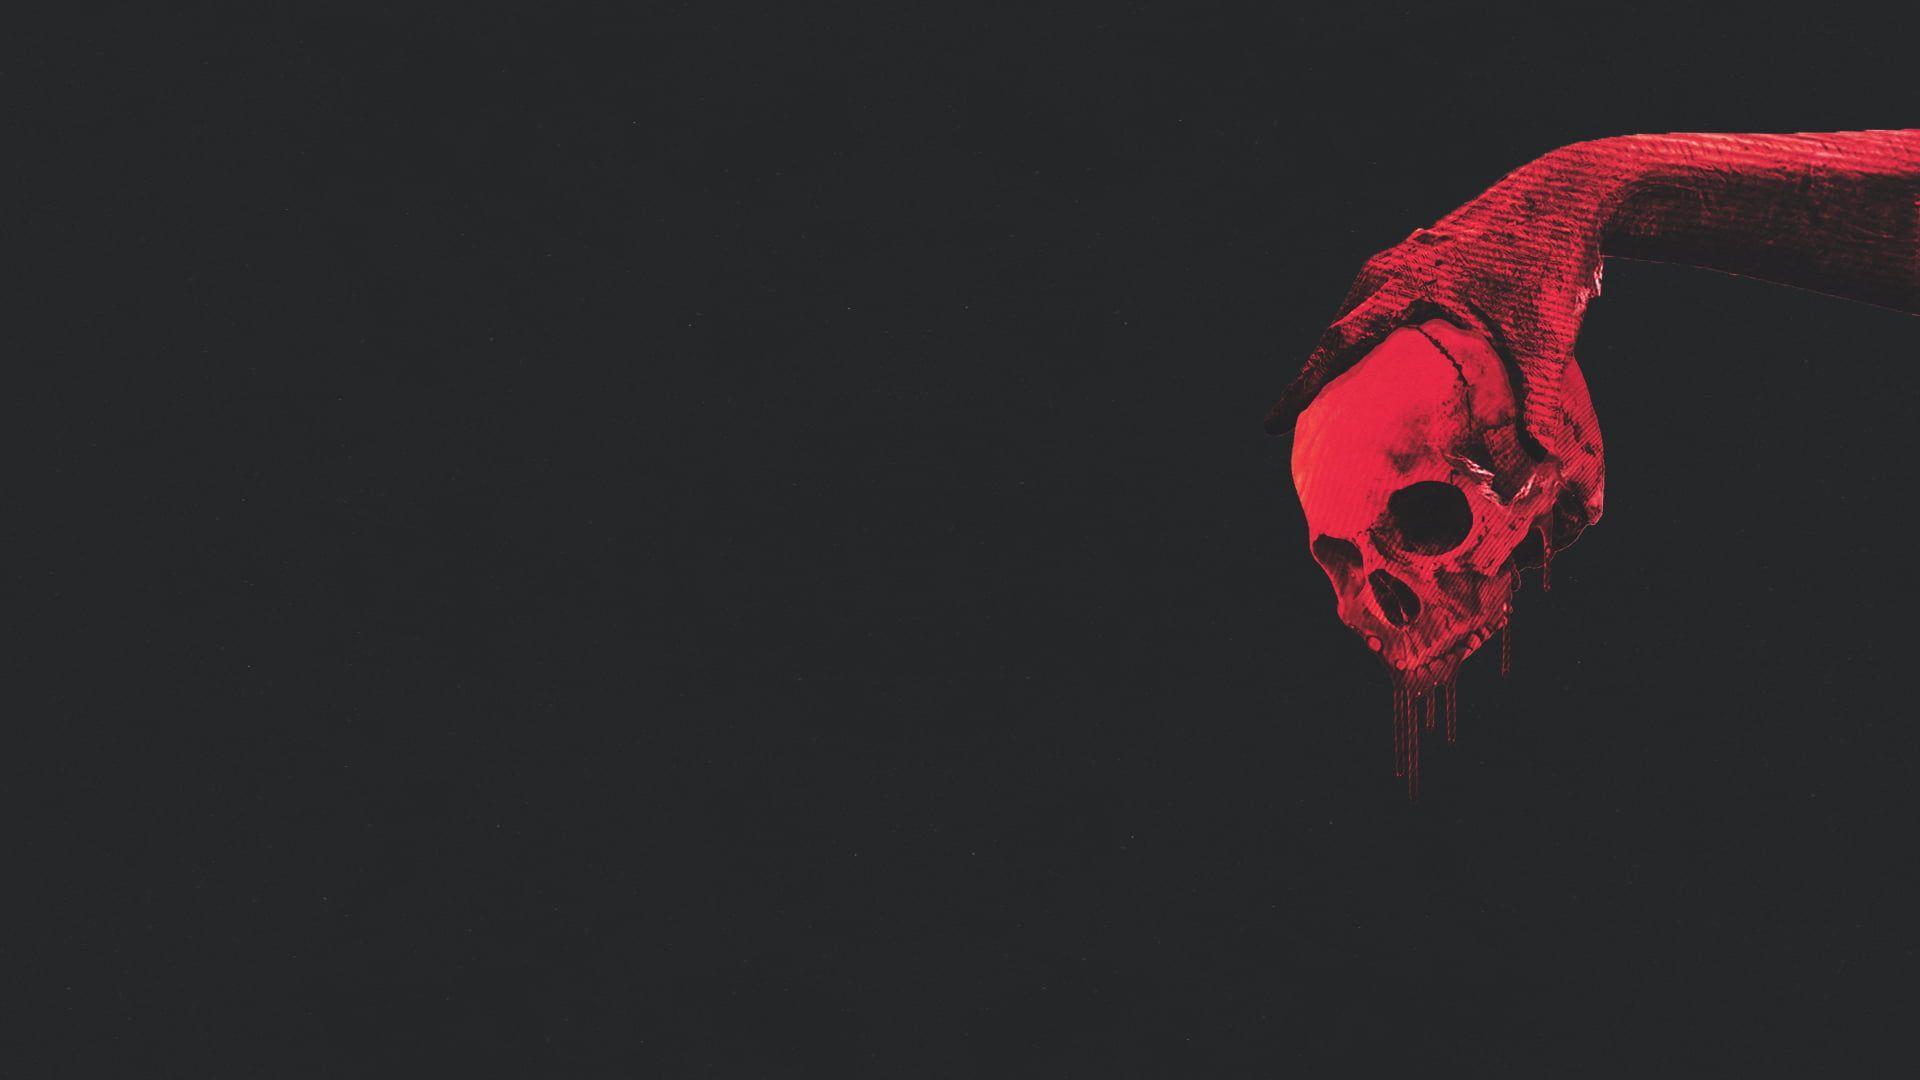 Skull Aesthetic Wallpapers